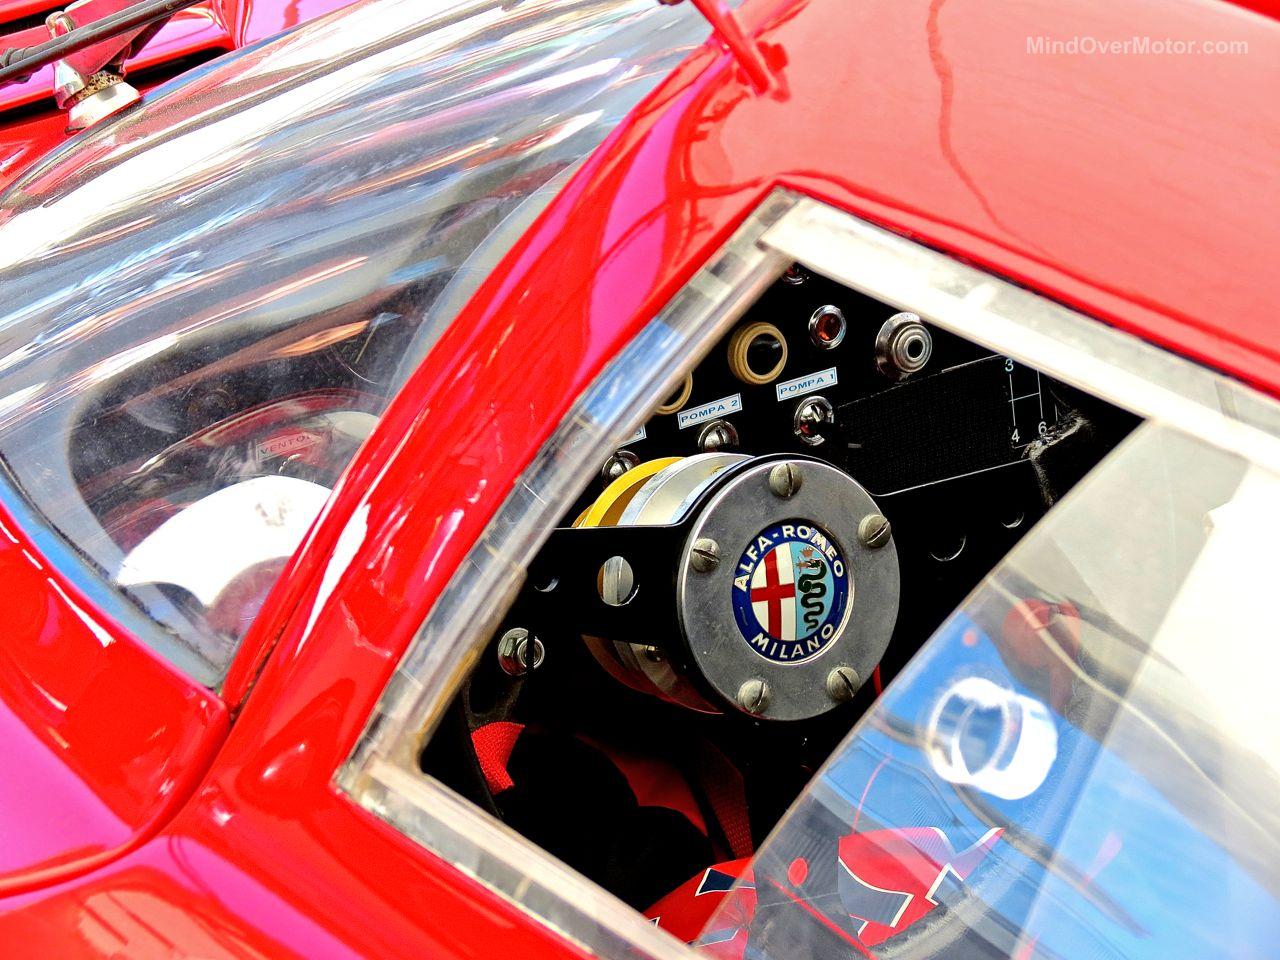 ALfa Romeo Steering Wheel Laguna Seca Paddock